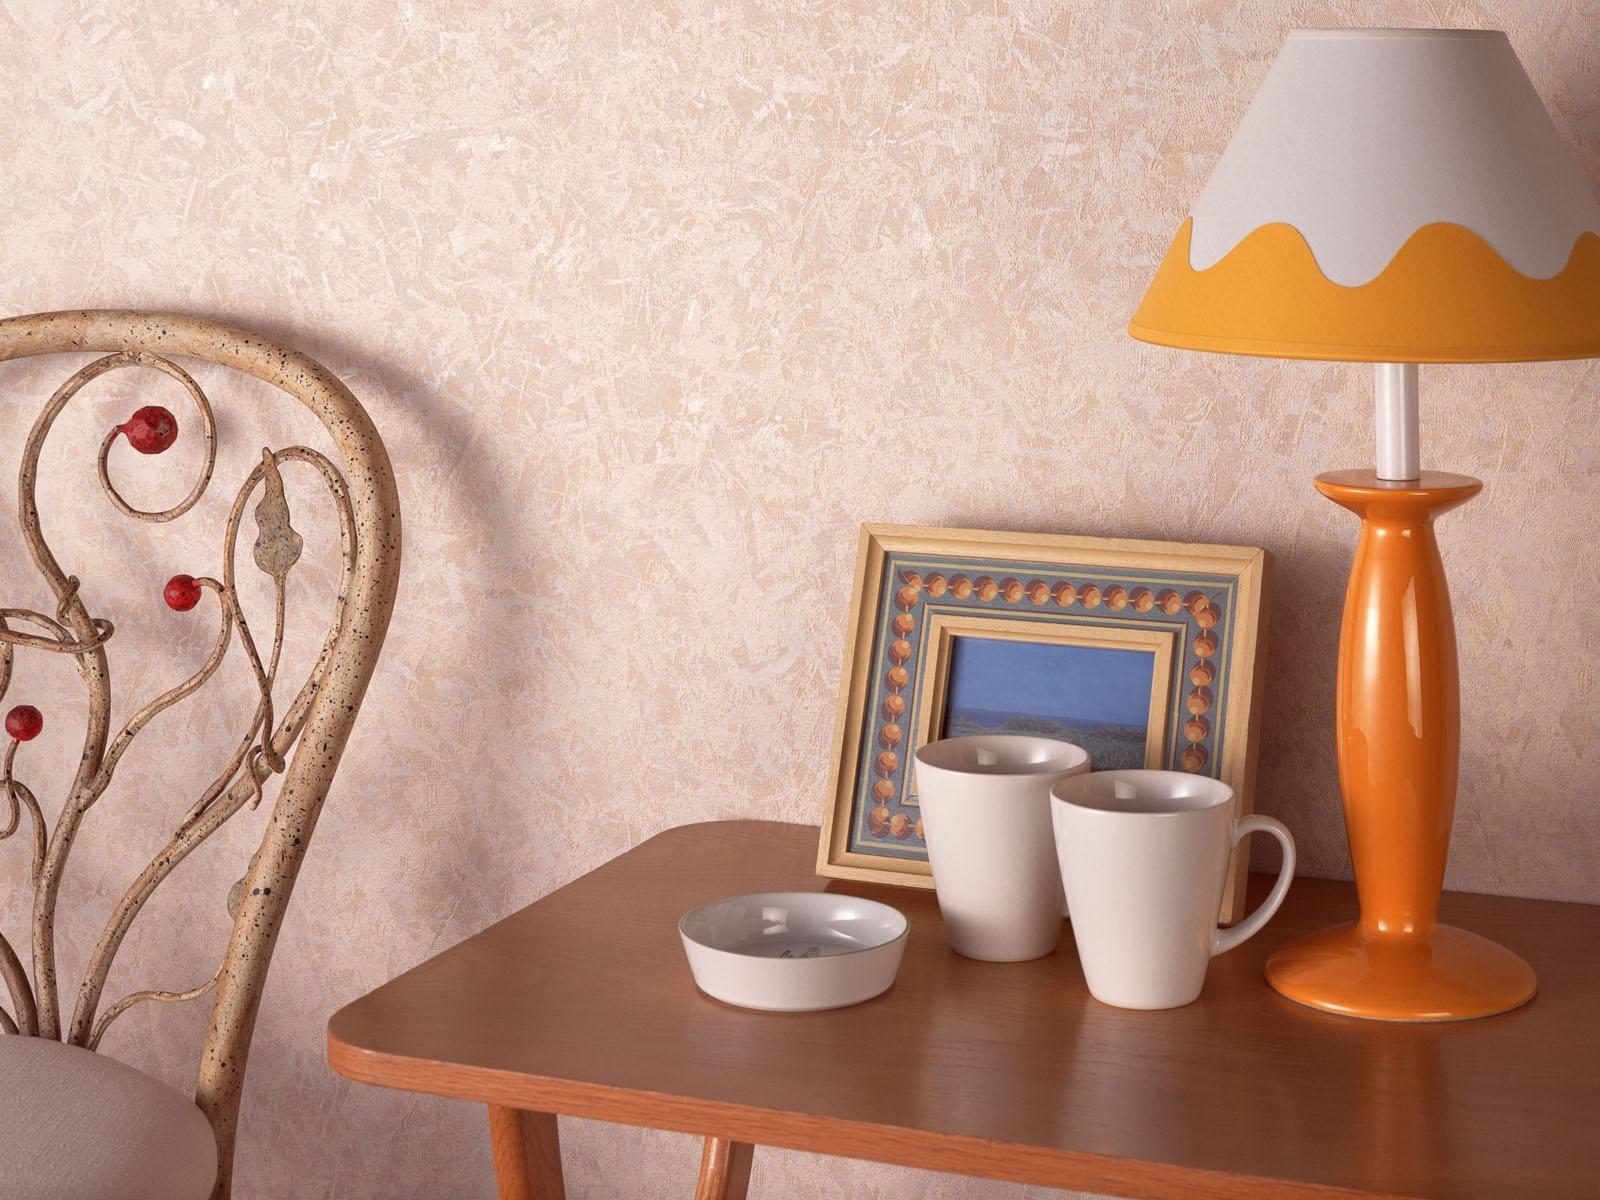 Baggrunde : værelse, væg, tabel, træ, Indretning, fade, KUNST ...